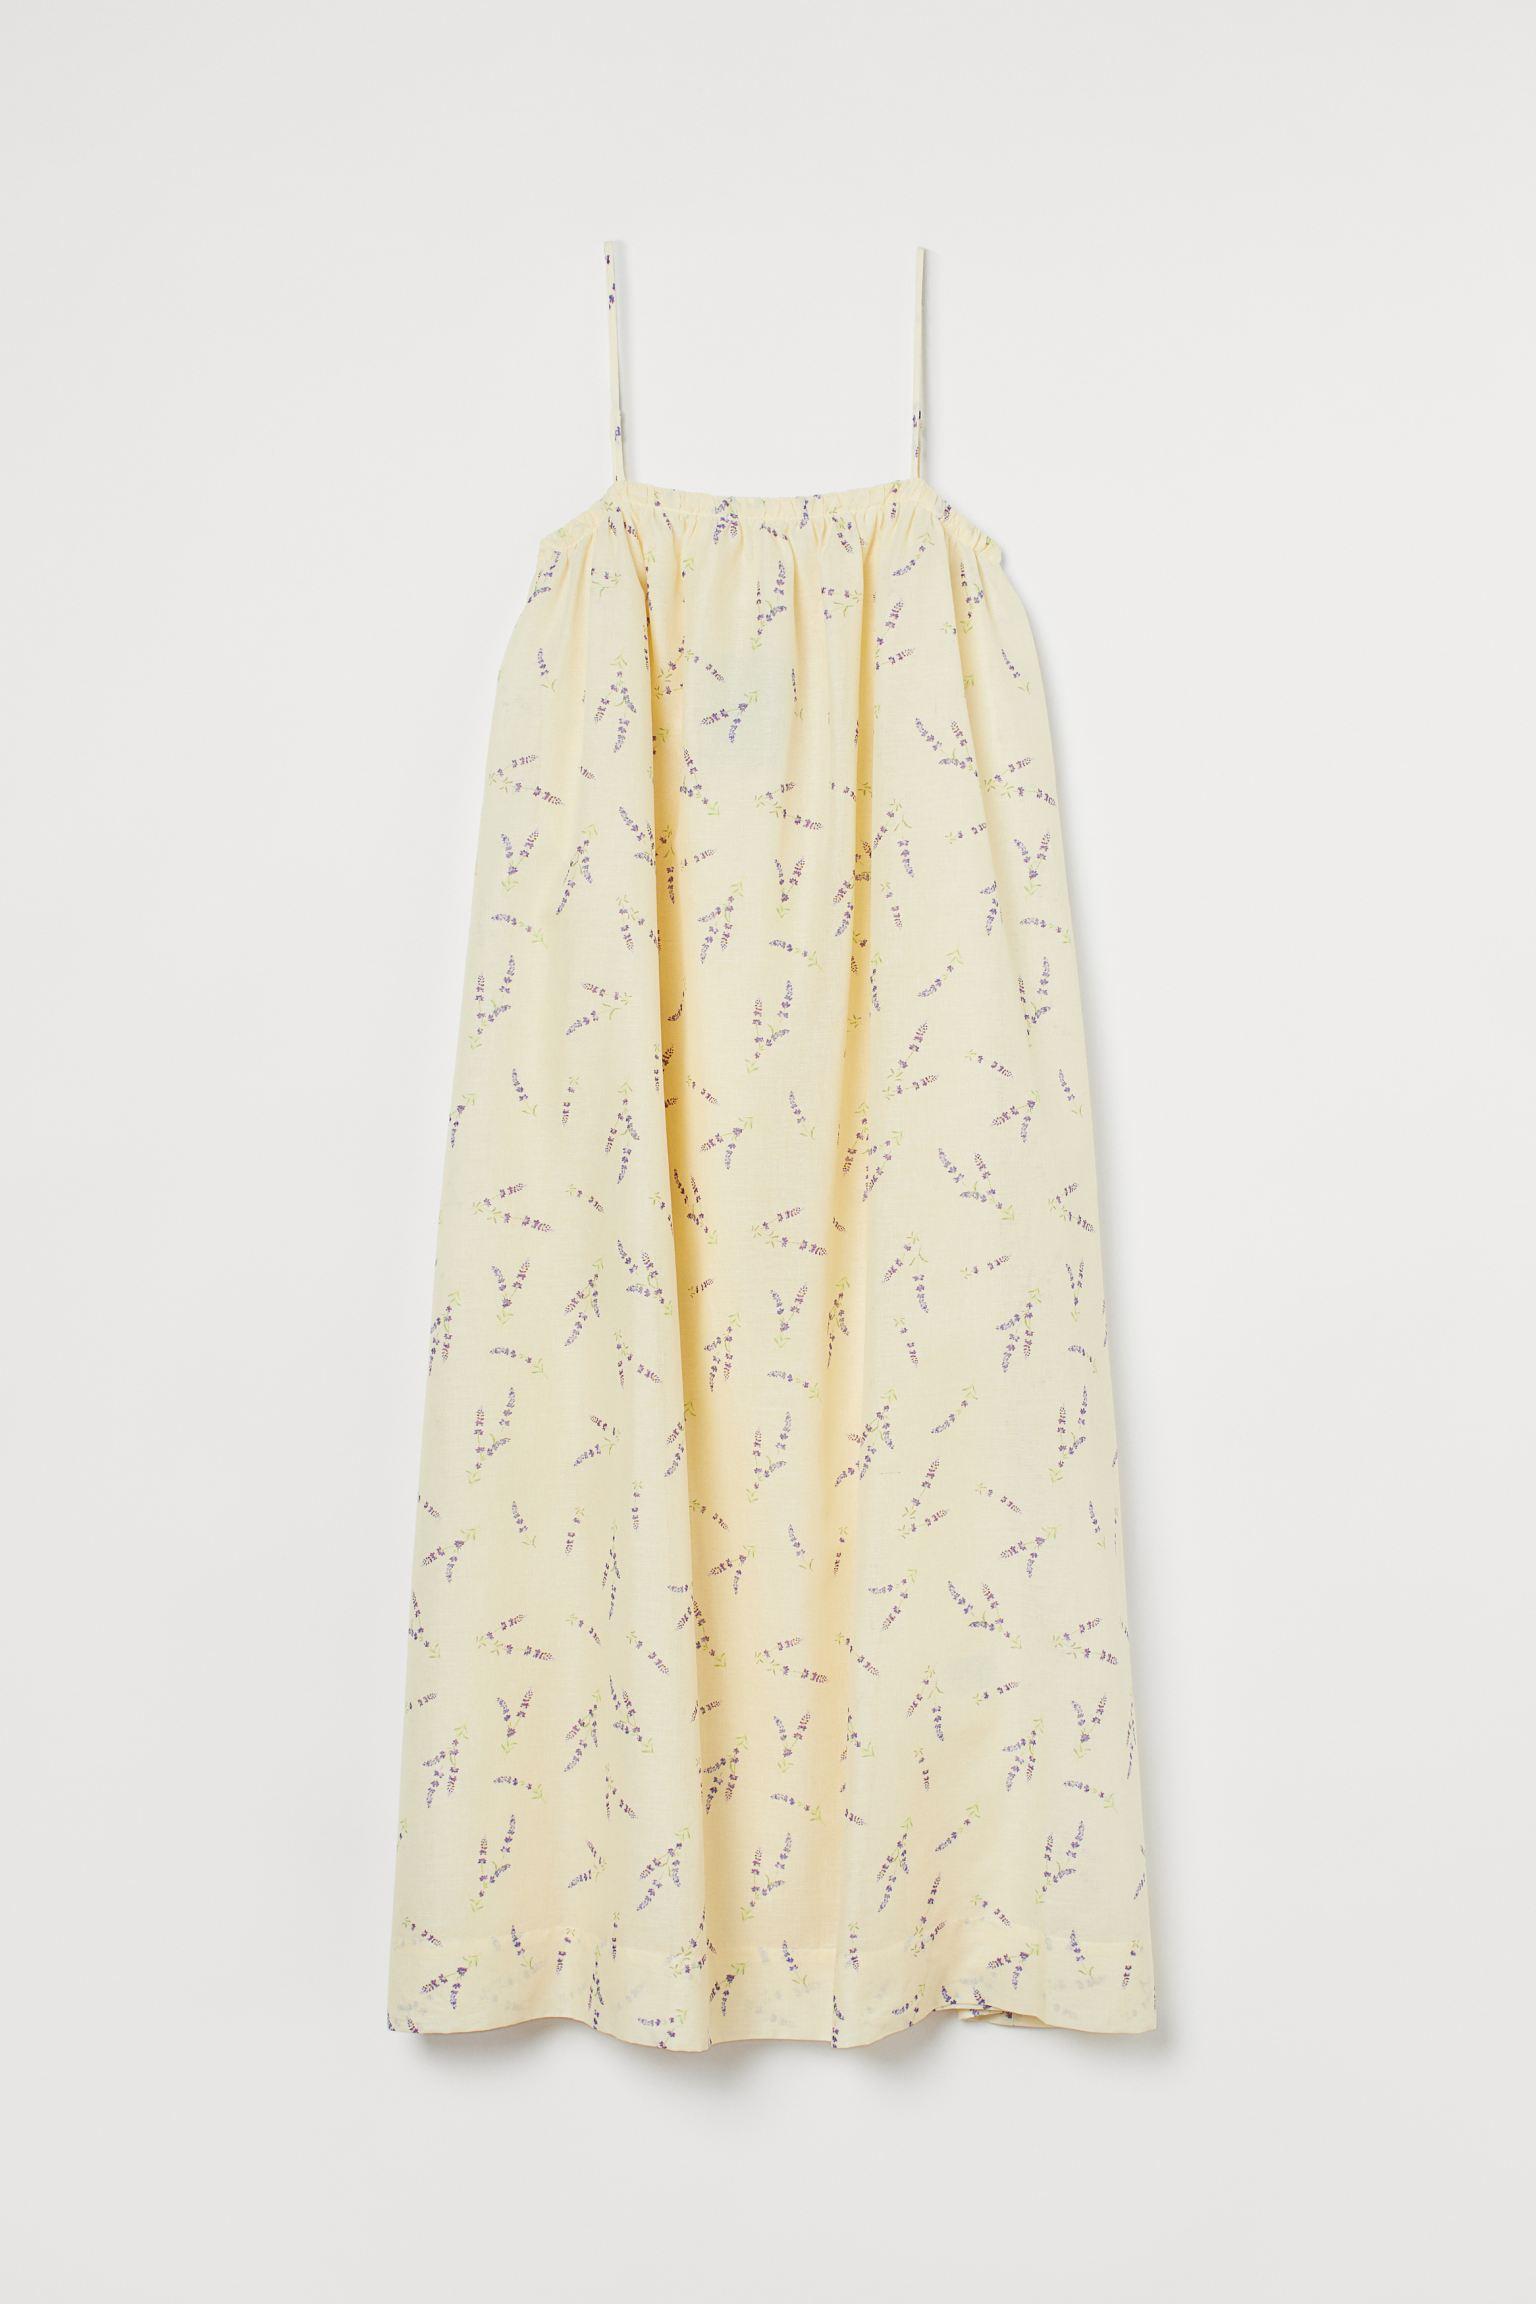 Vestido midi en tejido vaporoso. Modelo con tirantes finos ajustables, escote fruncido con elástico revestido detrás y falda evasé con volumen.